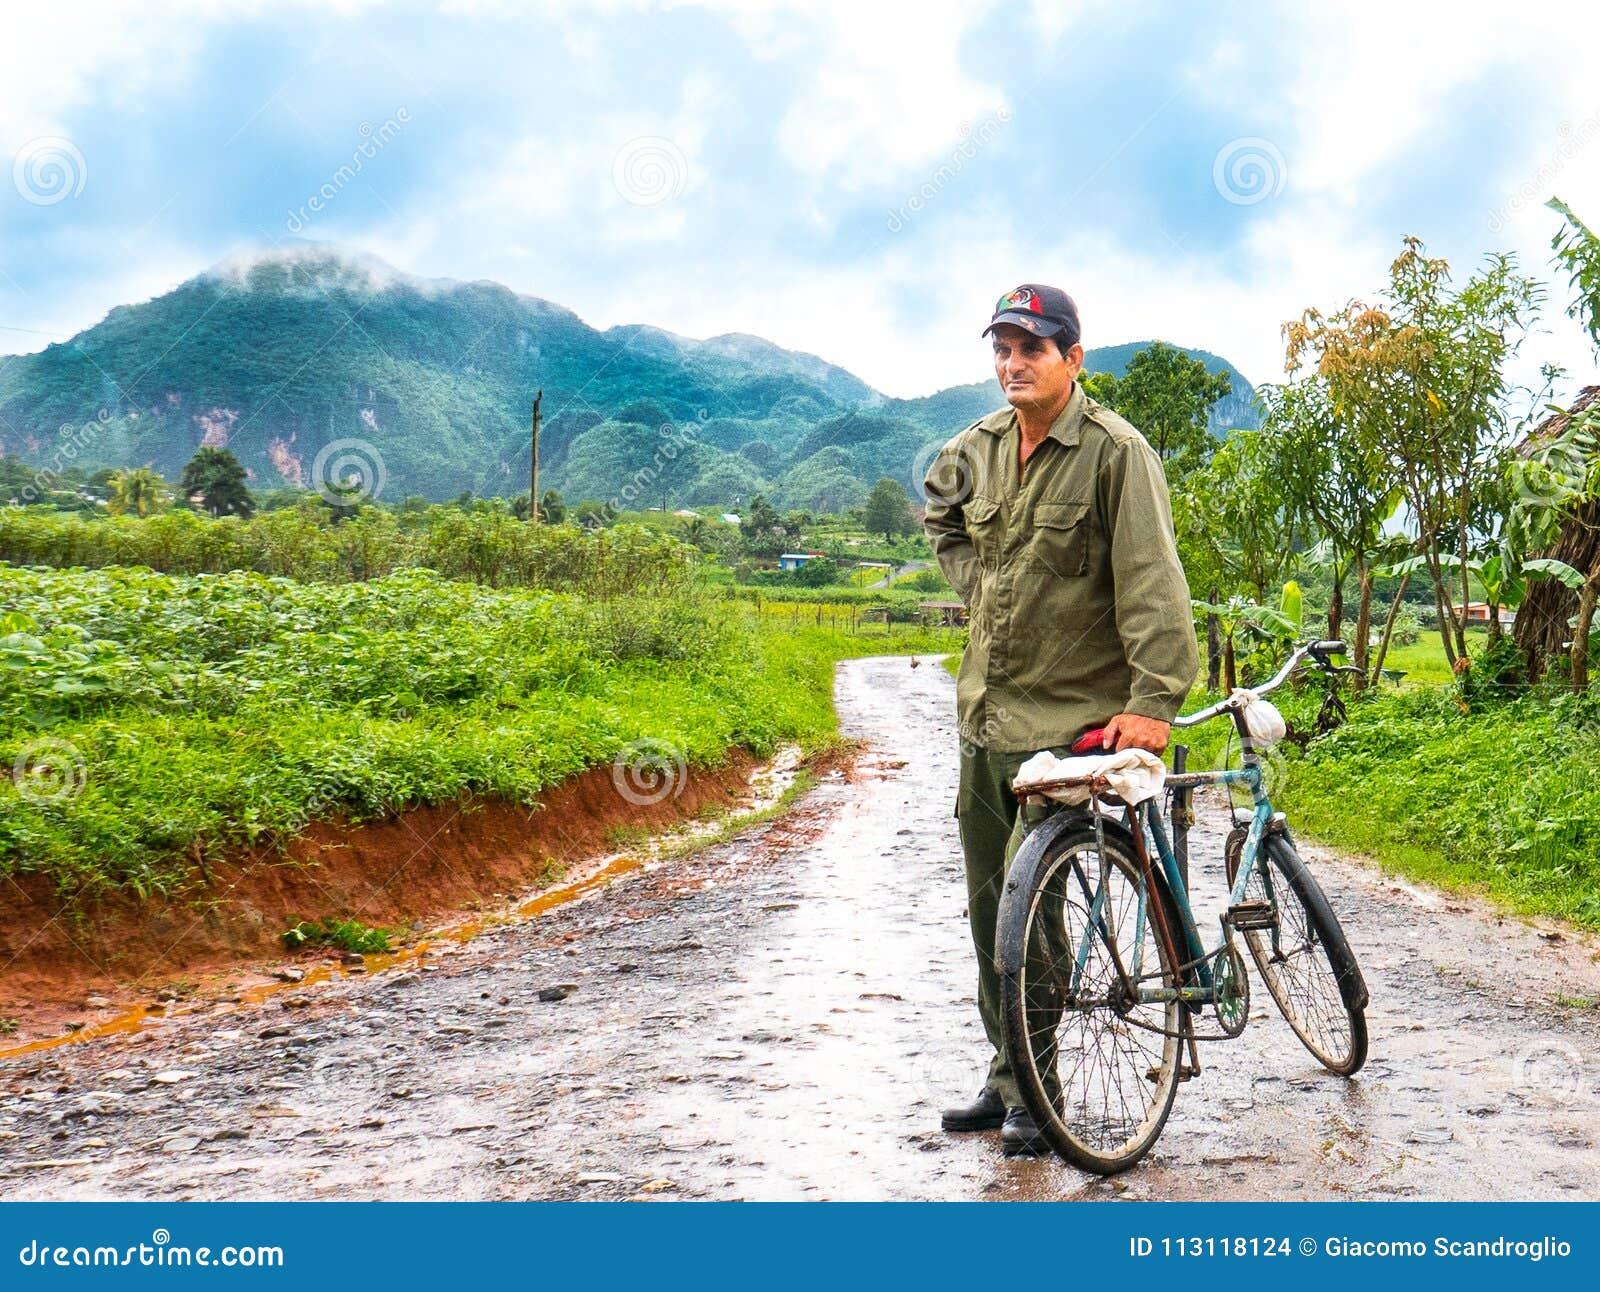 Vinales, Cuba Juin 2016 : Homme cubain avec la bicyclette, revenant des plantations de tabac, entourées par les champs verts